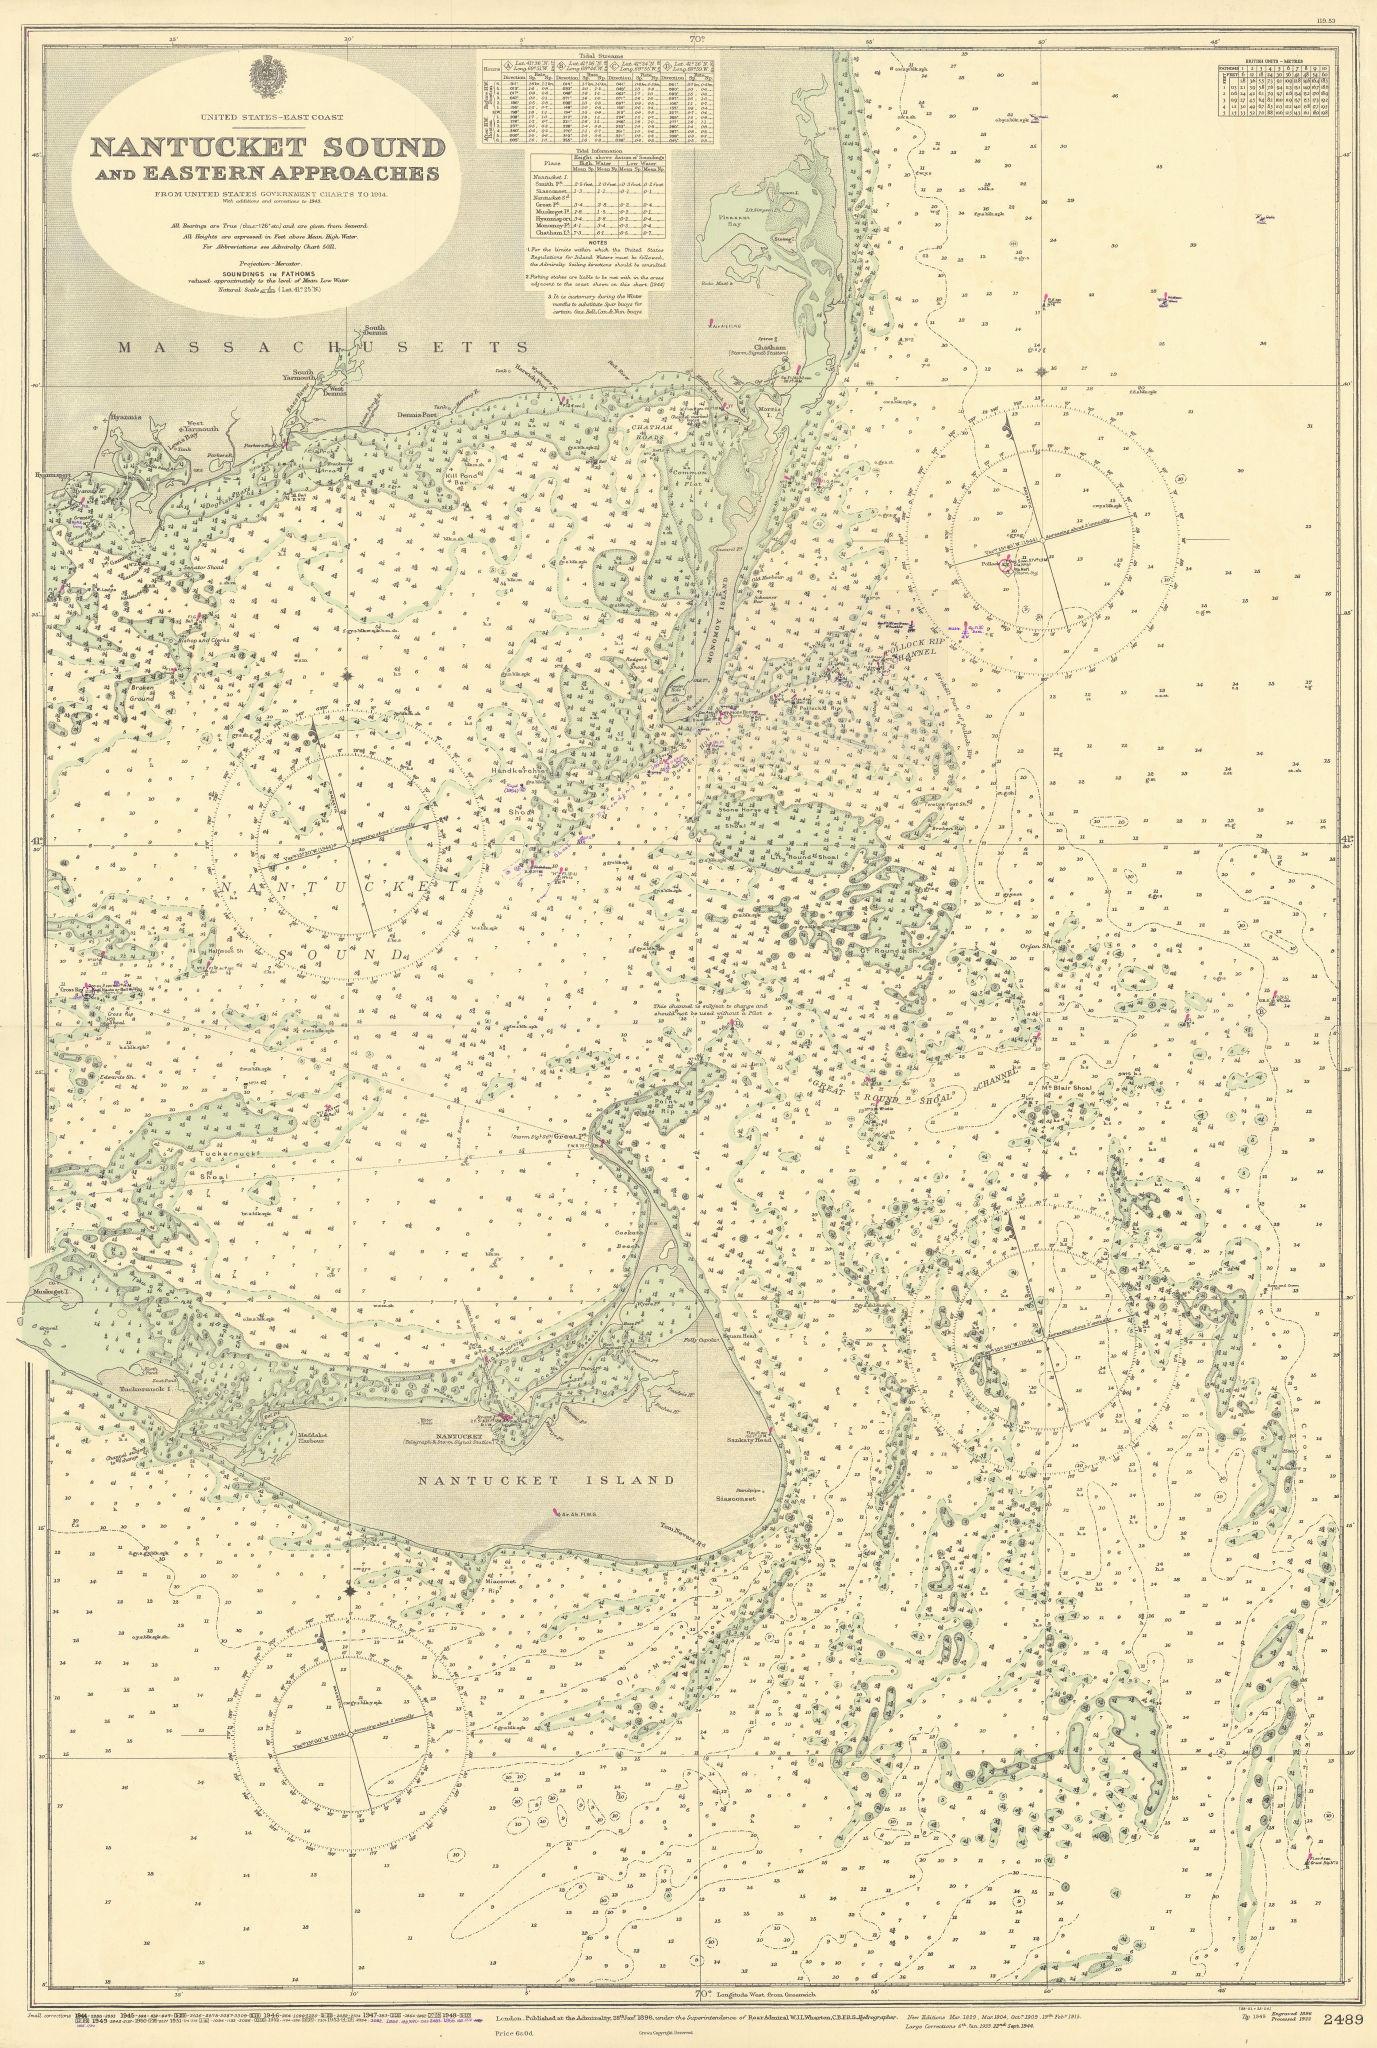 Nantucket Island Sound Cape Cod Massachusetts ADMIRALTY chart 1896 (1955) map